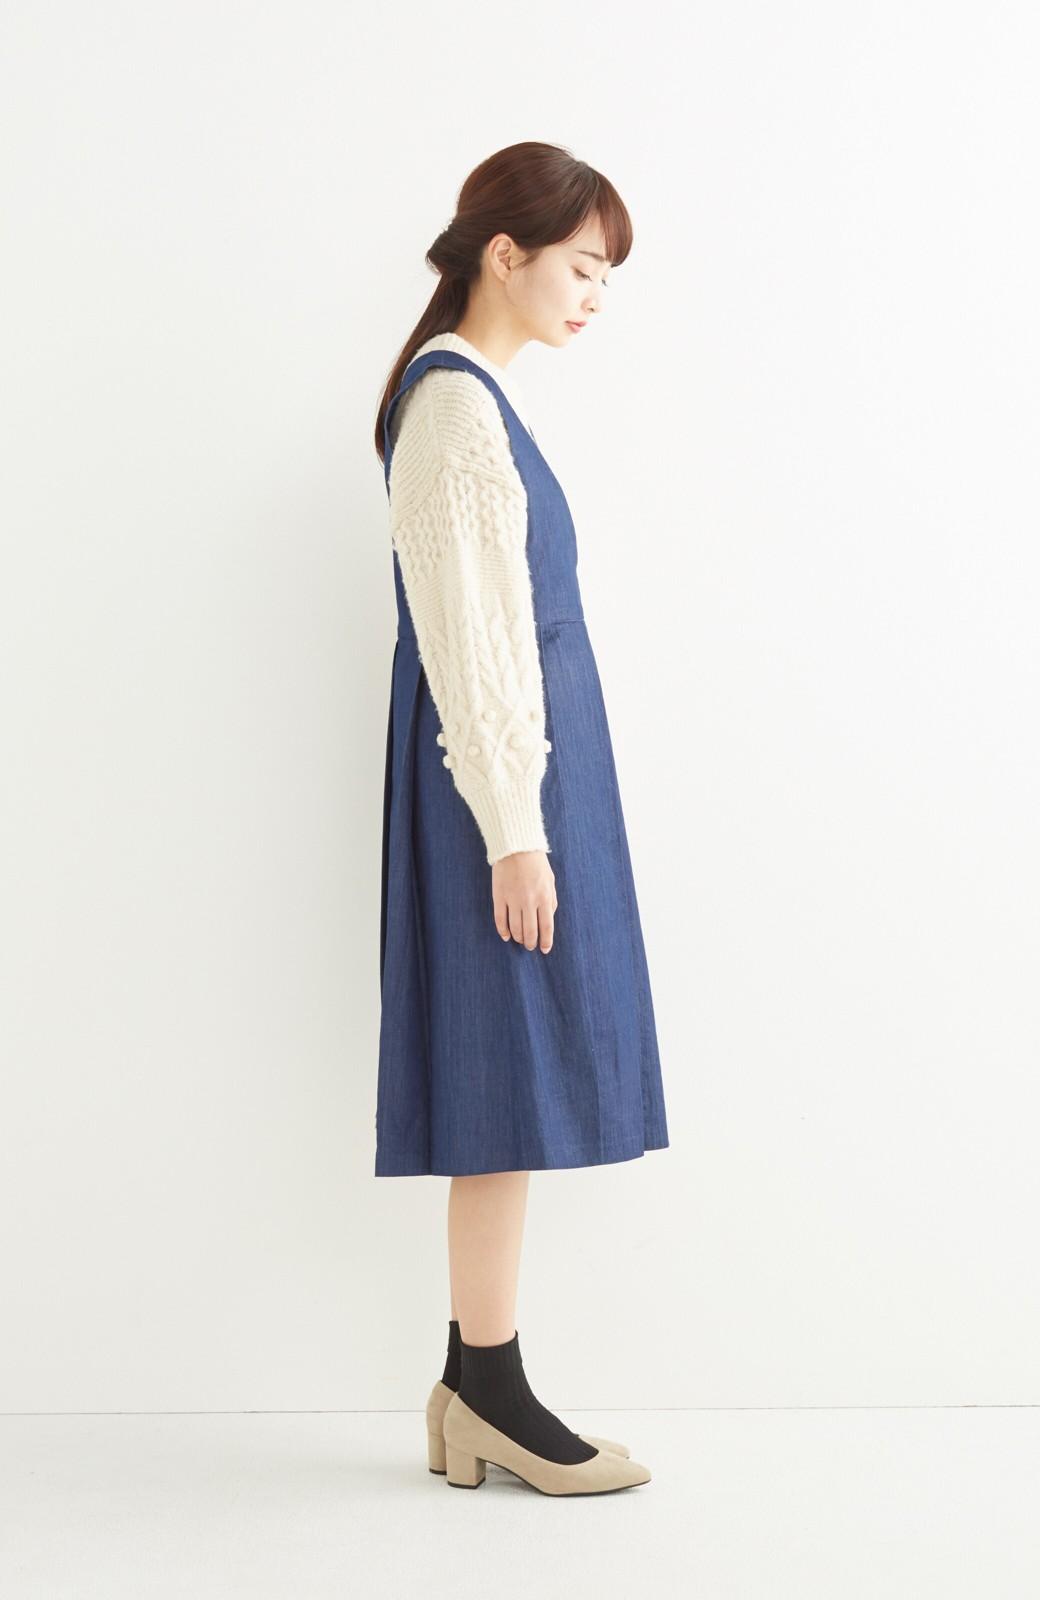 nusy やわらか麻混デニム素材のビッグプリーツジャンパースカート <インディゴブルー>の商品写真6